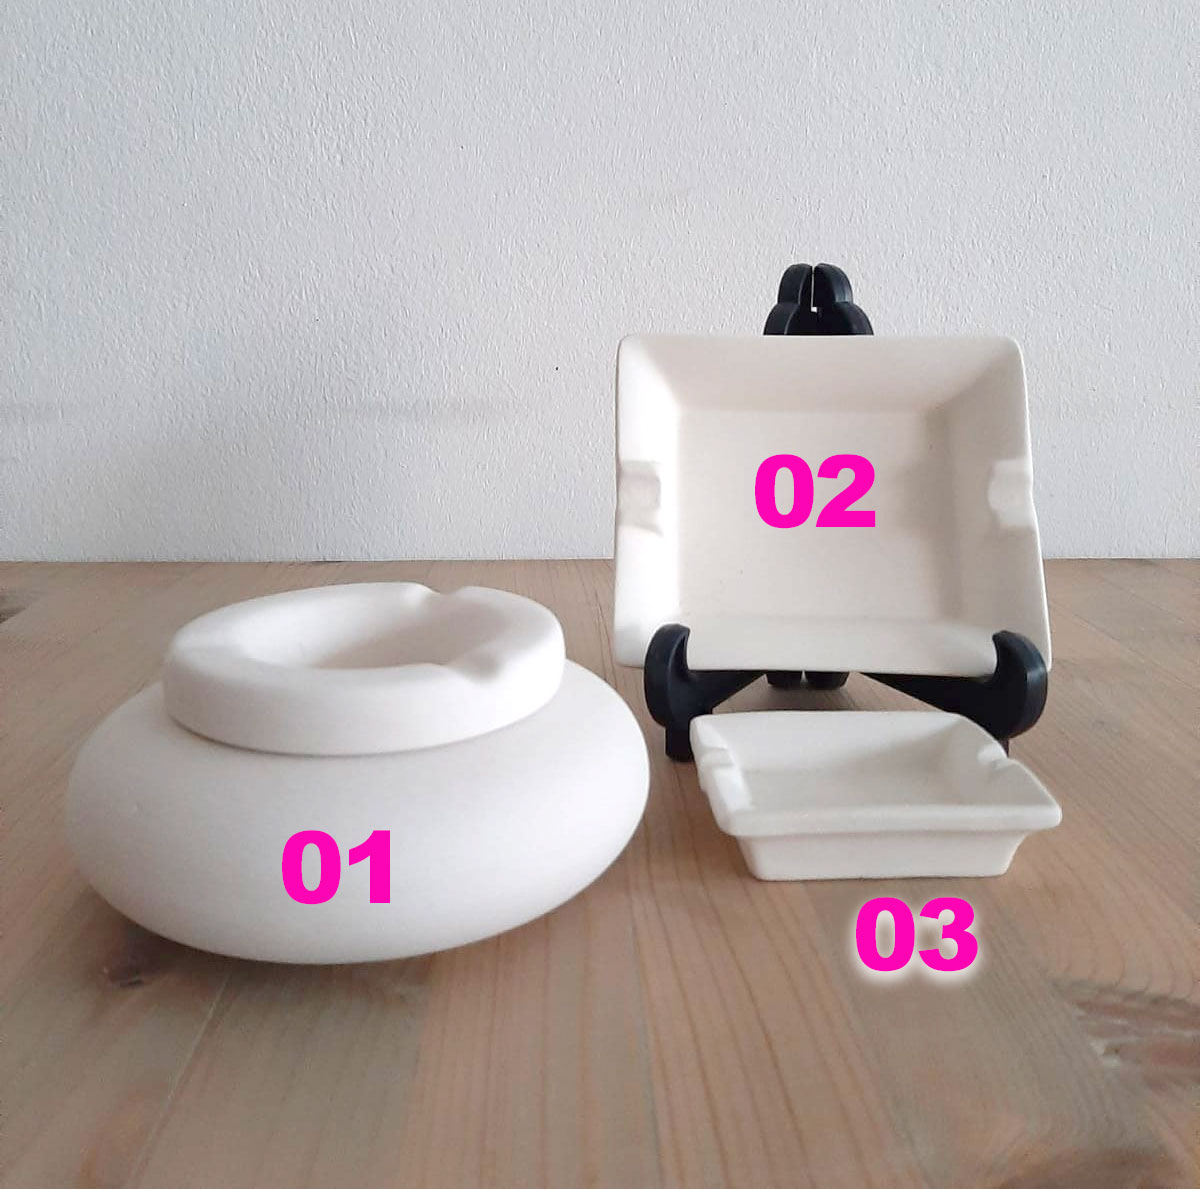 Aschenbecher aus Keramik zum selbst bemalen